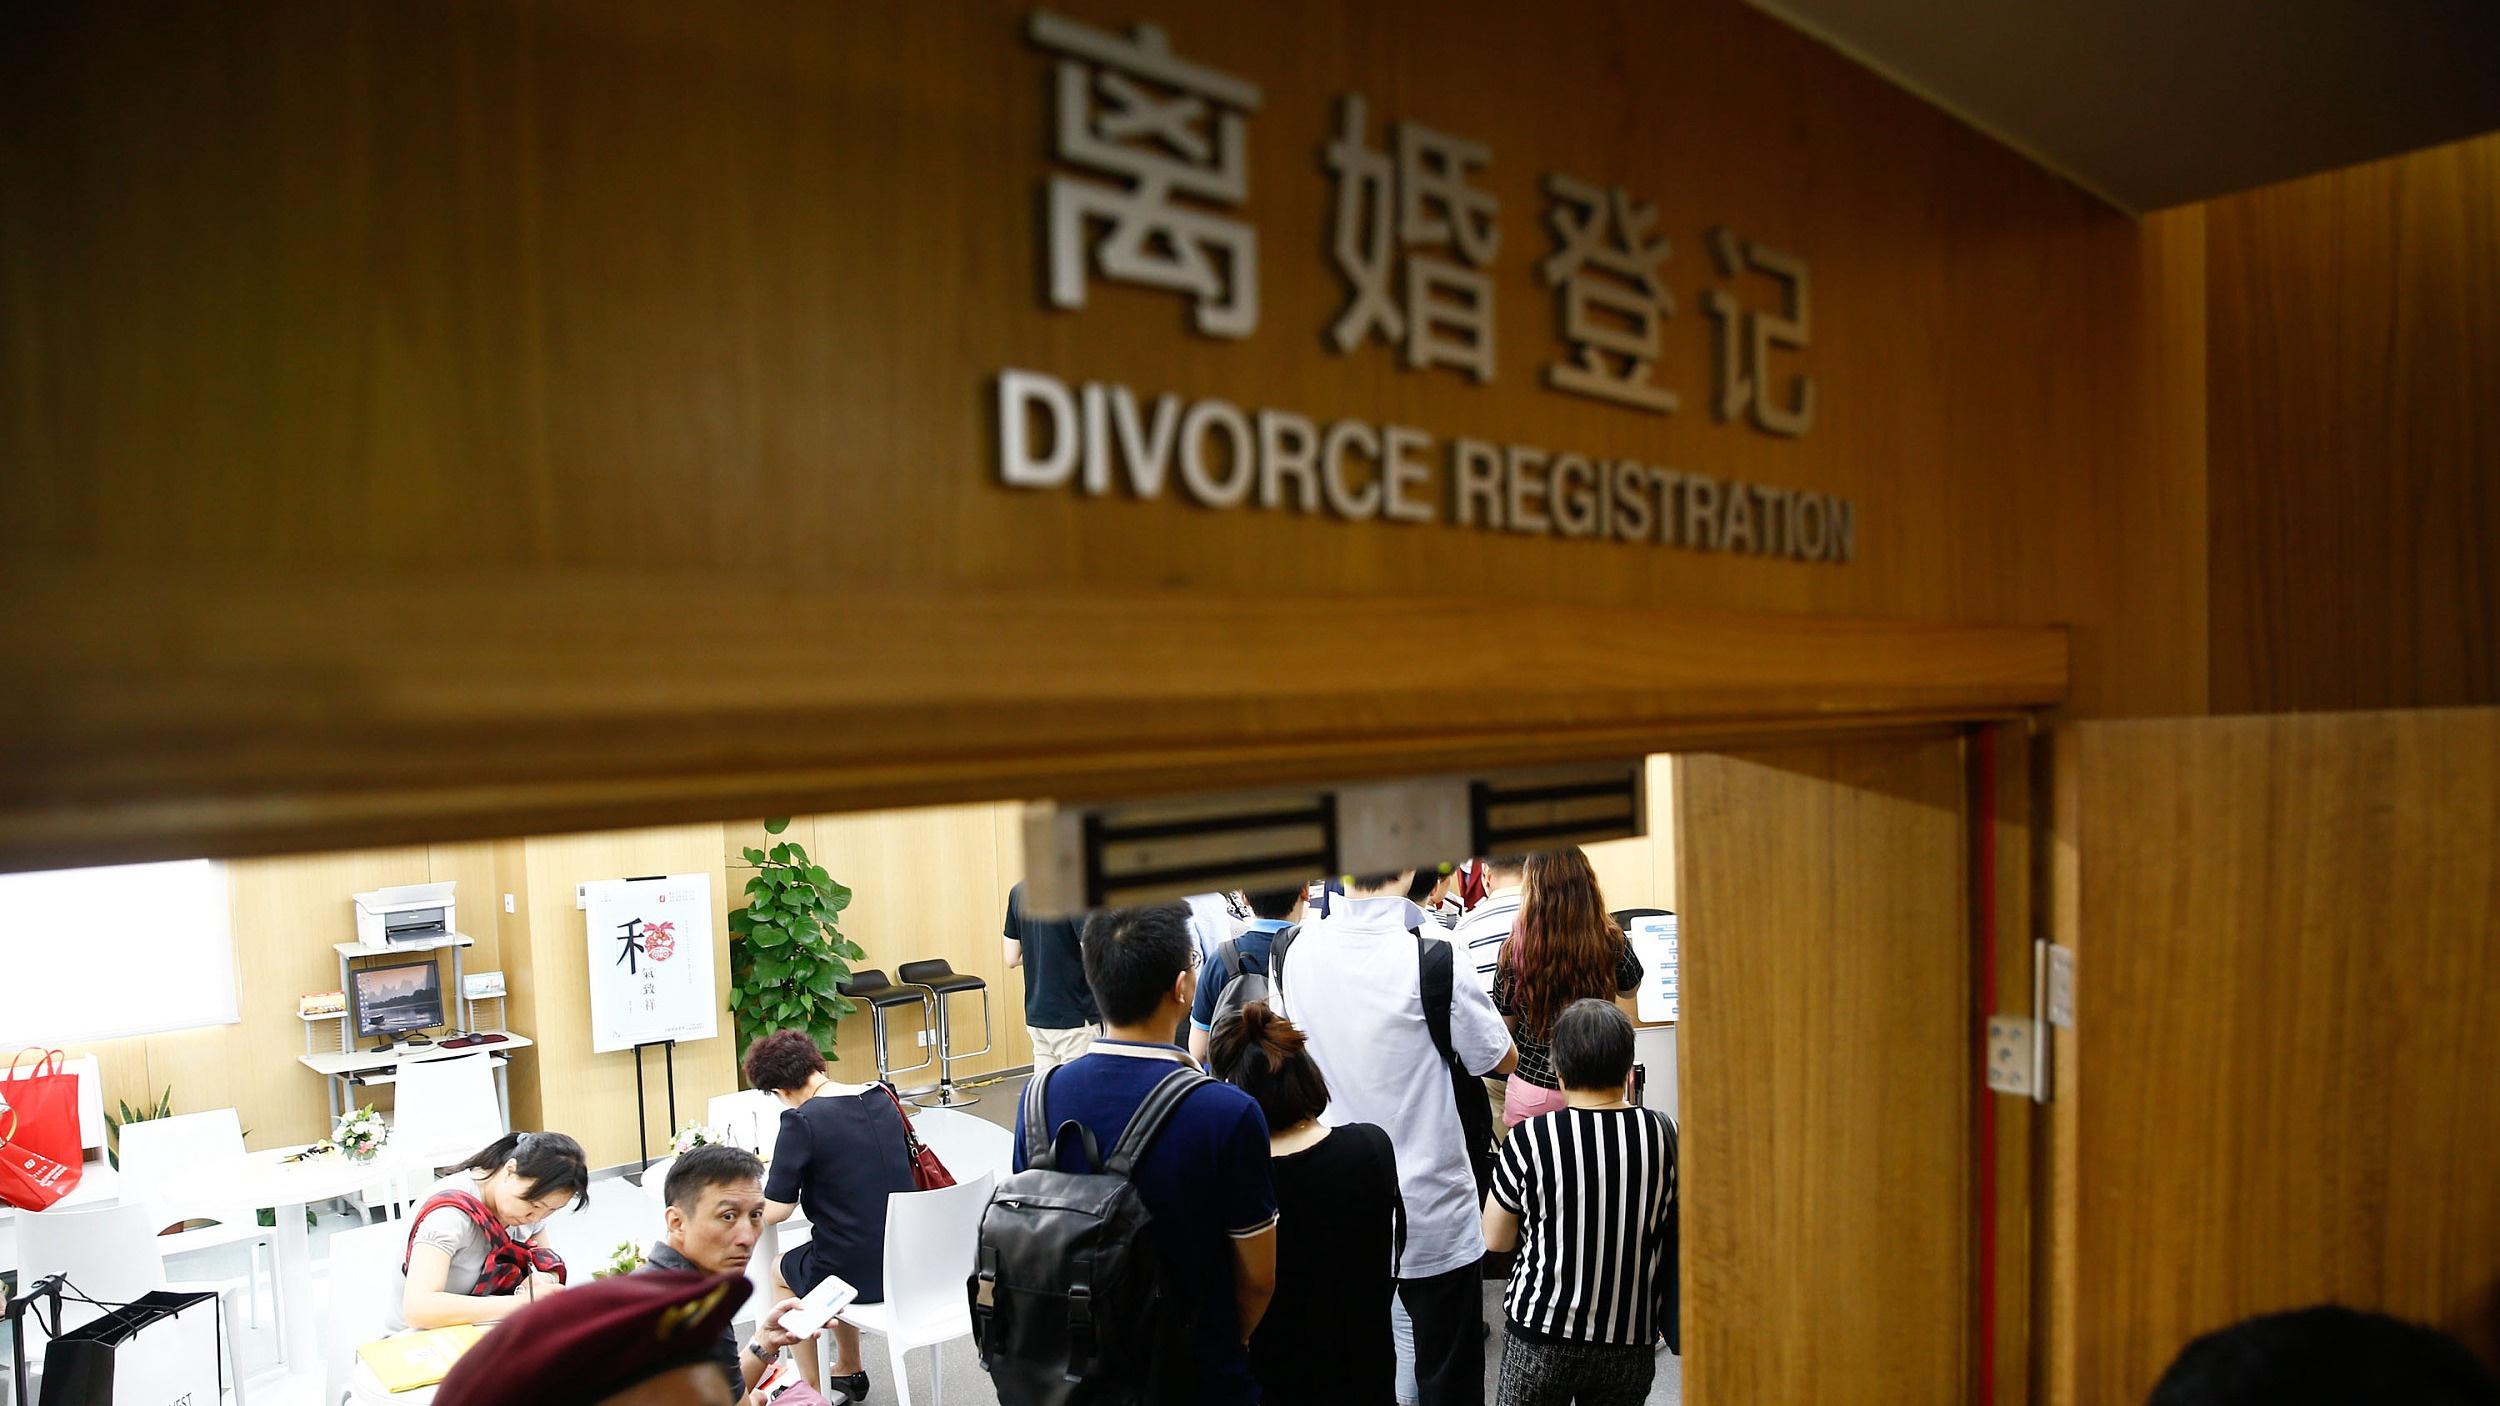 Divorce quiz